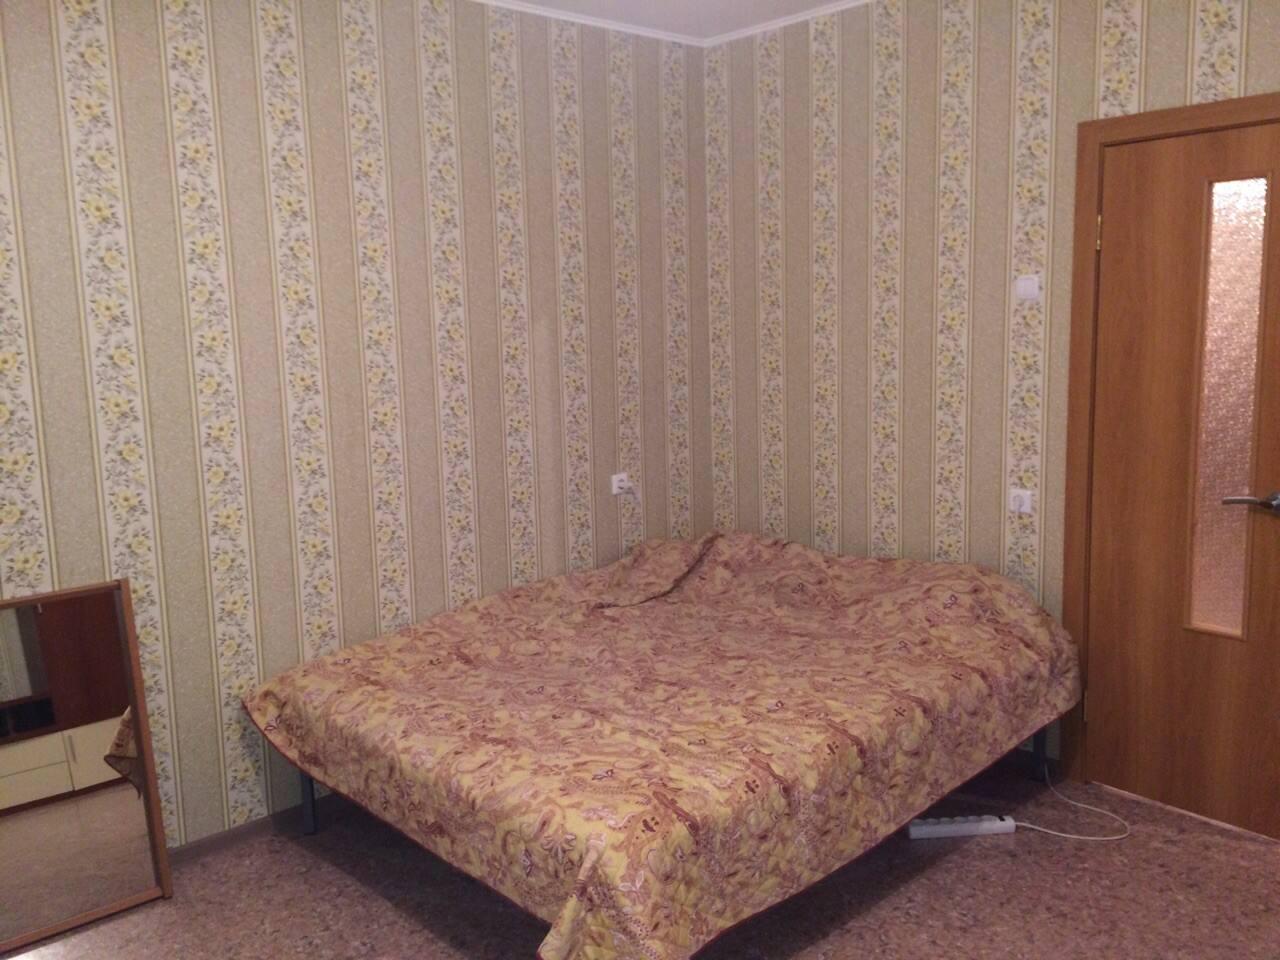 Двуспальная кровать с ортопедическим мартрасом